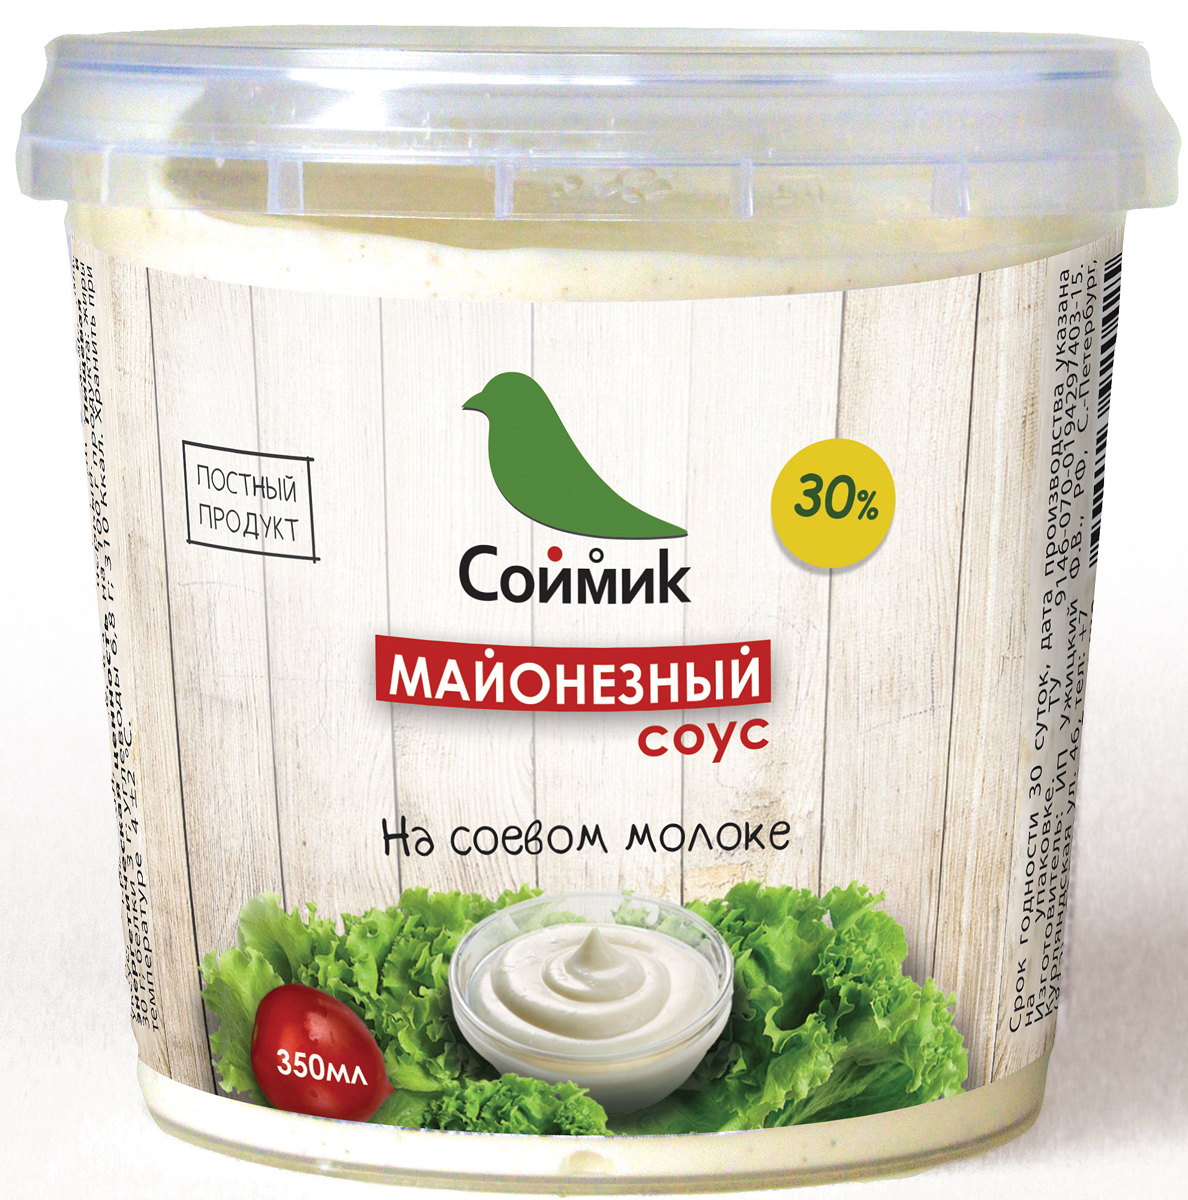 Производиться по классической технологии майонеза. Не имеет аналогов на рынке, так как сделан на основе натурального соевого молока, а не сухого соевого белка. Имеет однородную, густую консистенцию и нежный вкус домашнего майонеза.